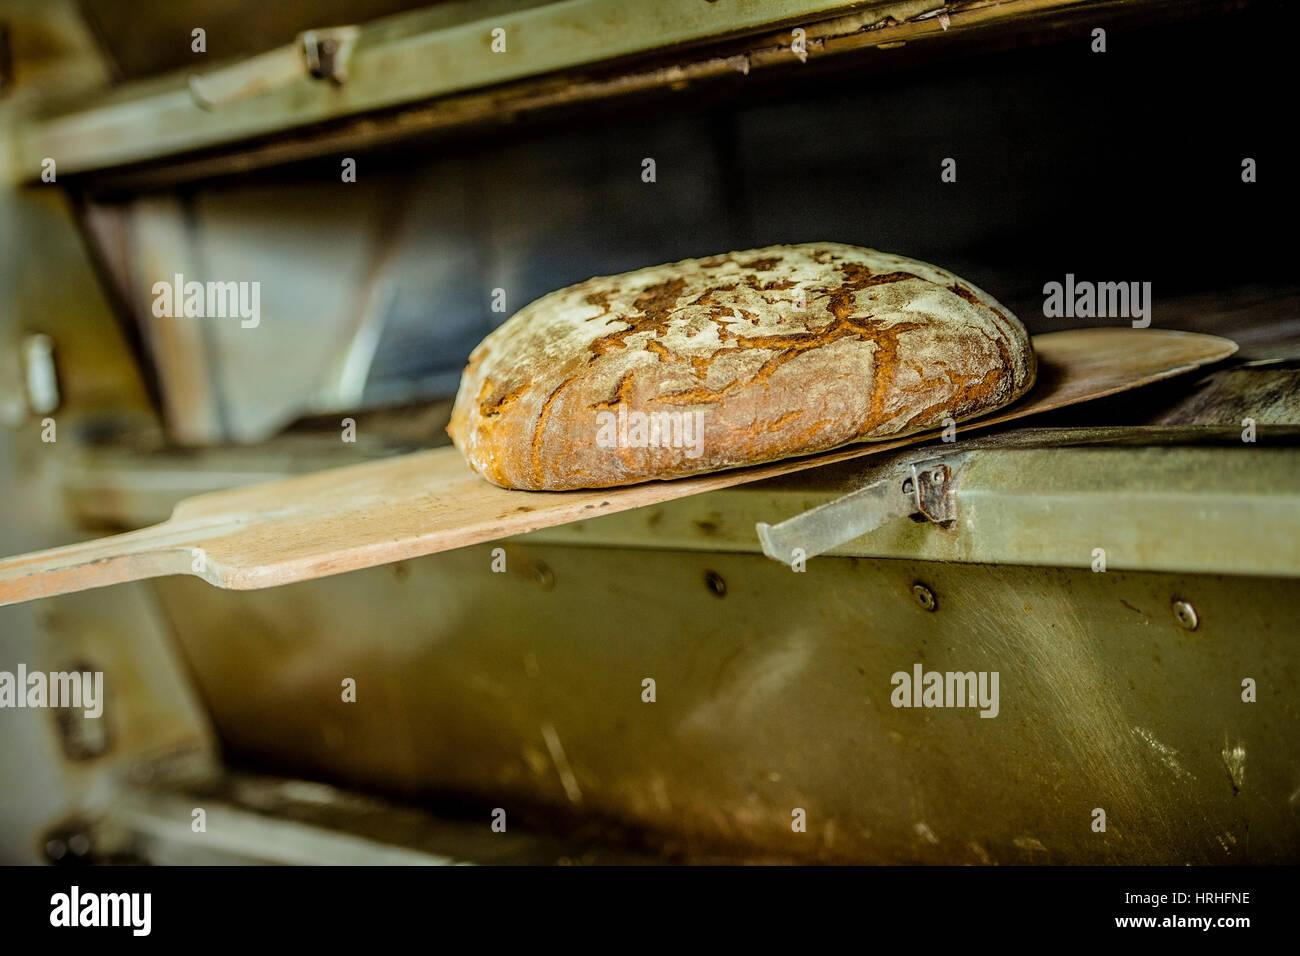 Brot backen, Backstube - baking bread - Stock Image